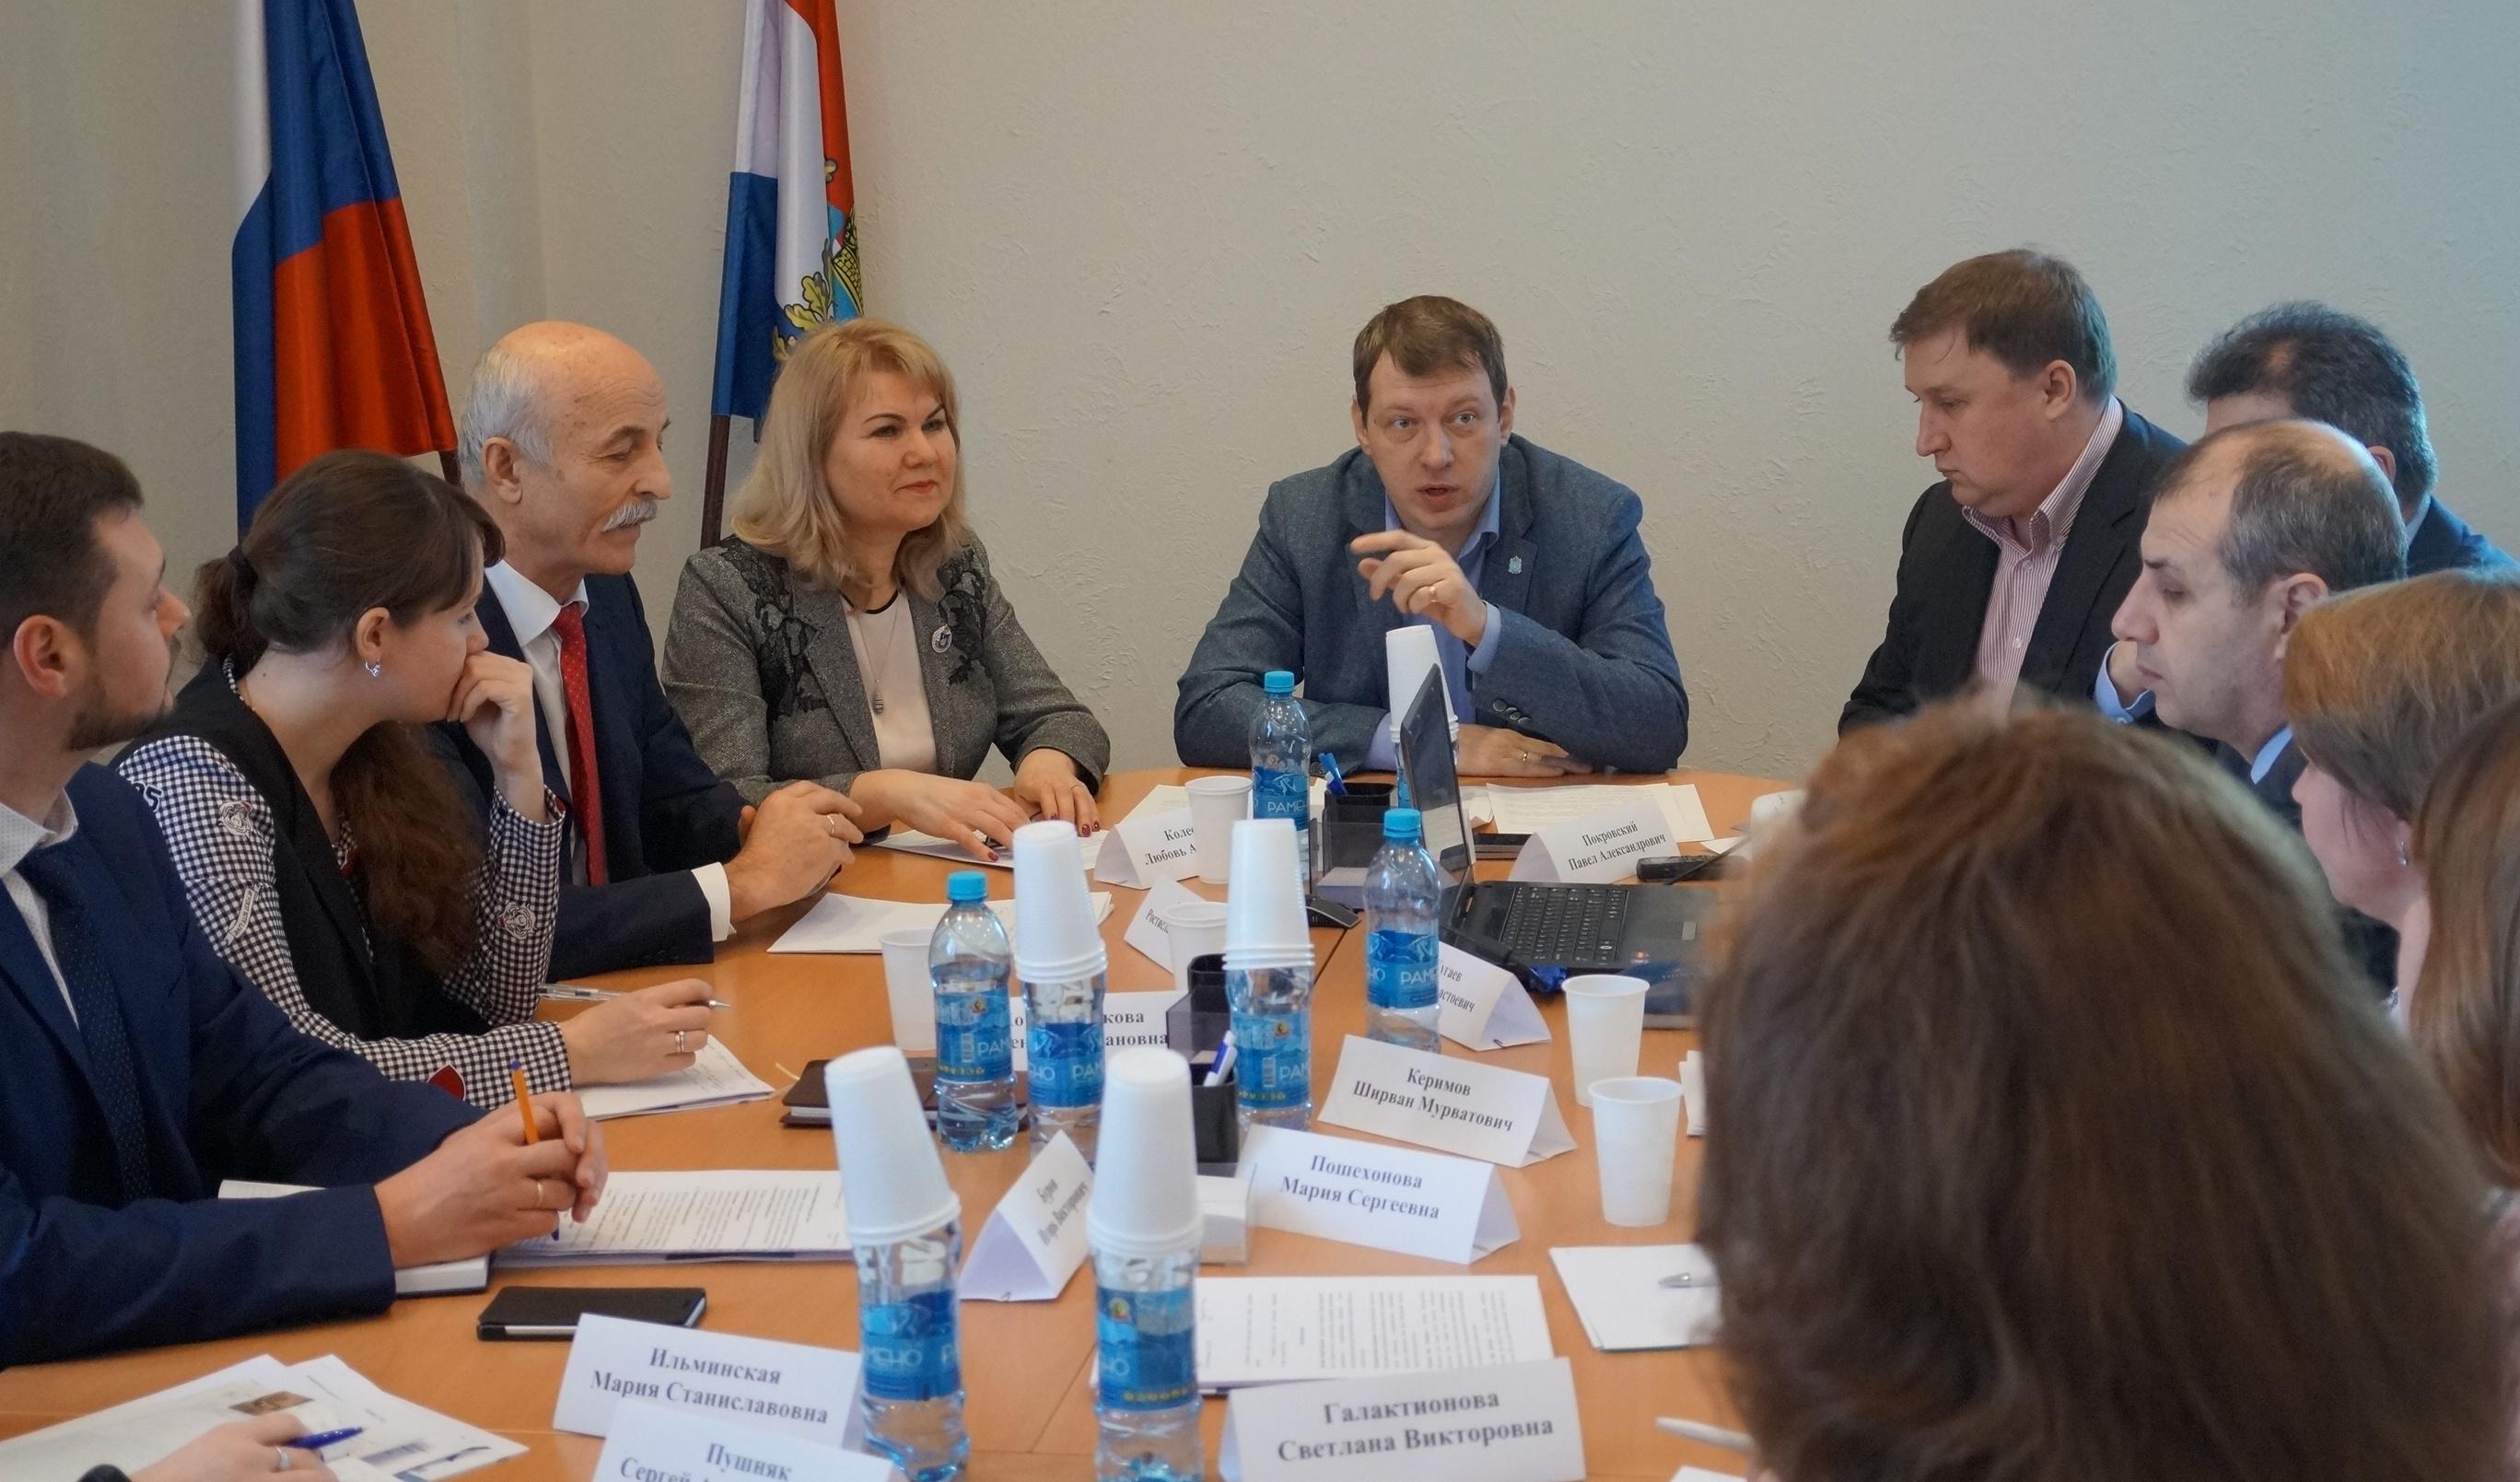 ВСамарской области началось формирование нового состава общественной палаты